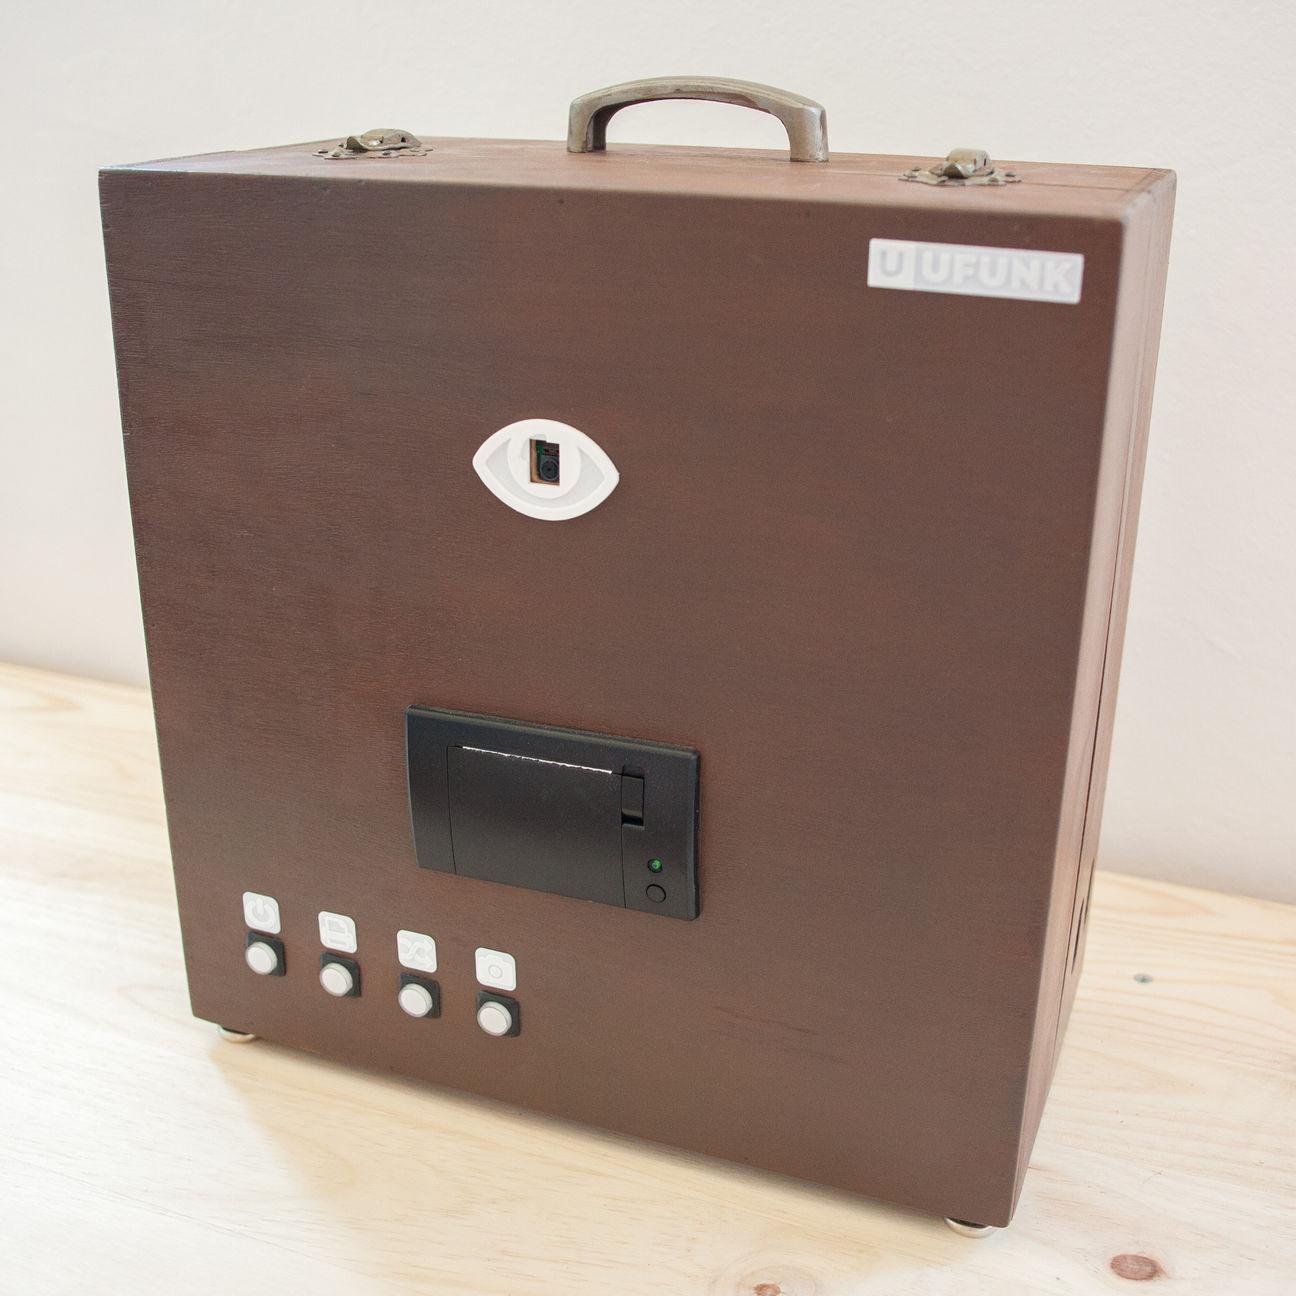 Paper Instant Camera est un photomaton portable, imprimant instantanément les photos sur des tickets de caisse